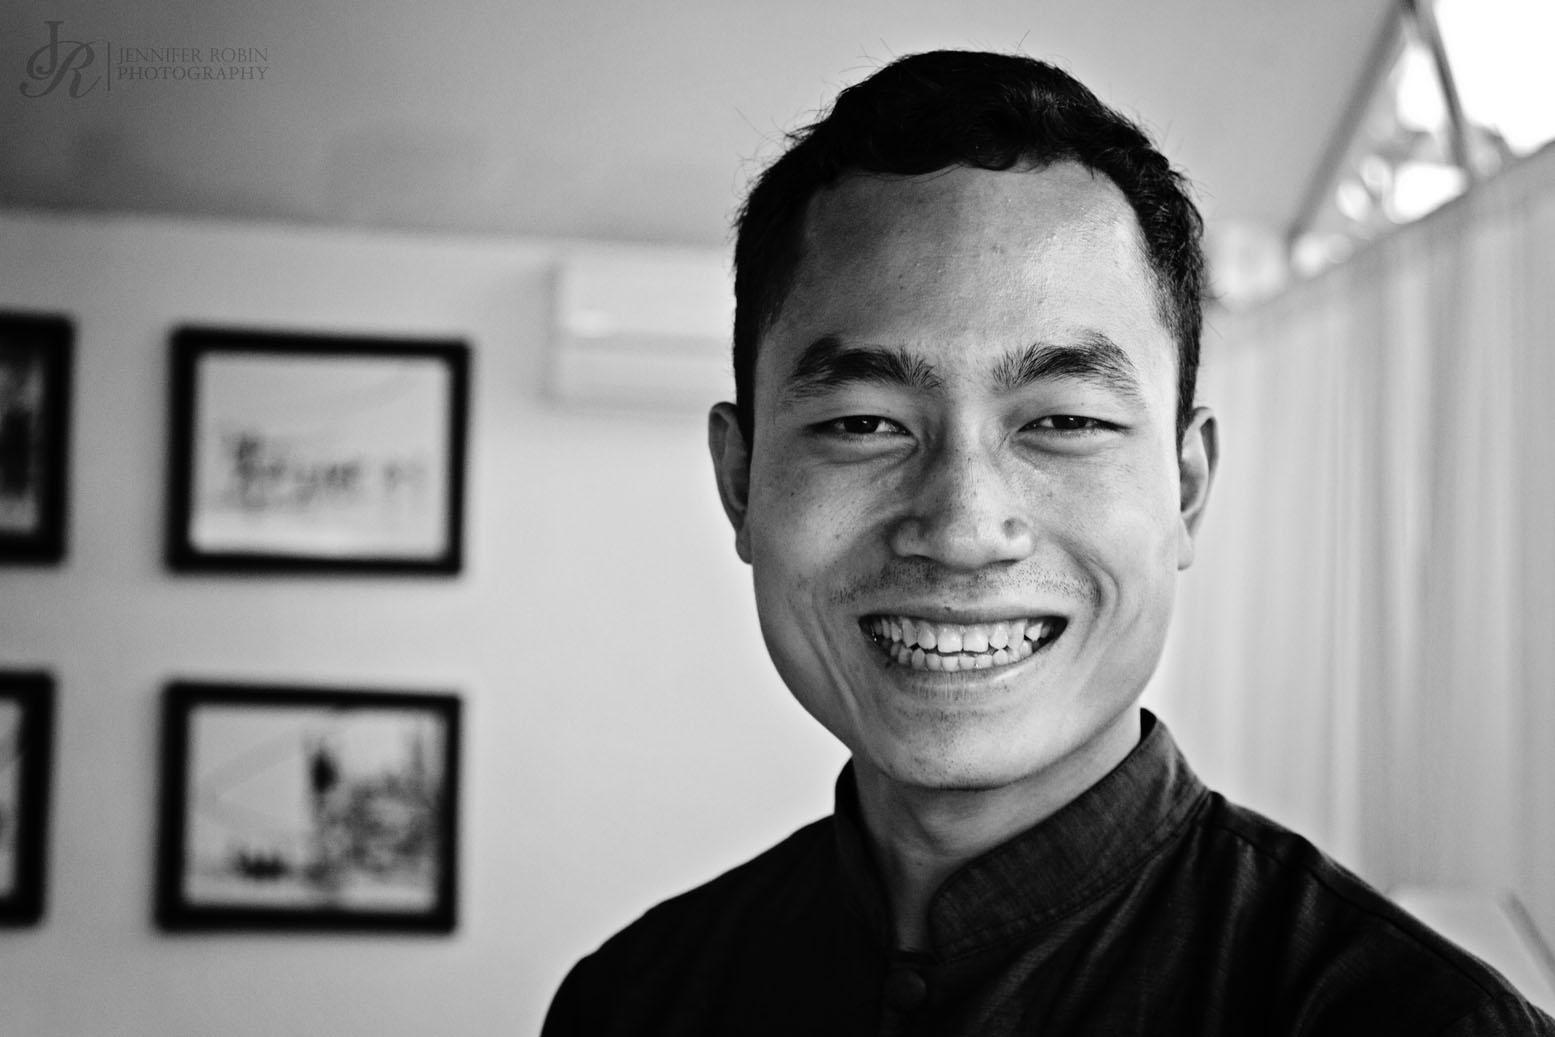 Cambodia Pol Pot - Photos Office and Pot Dianxian2007.Com